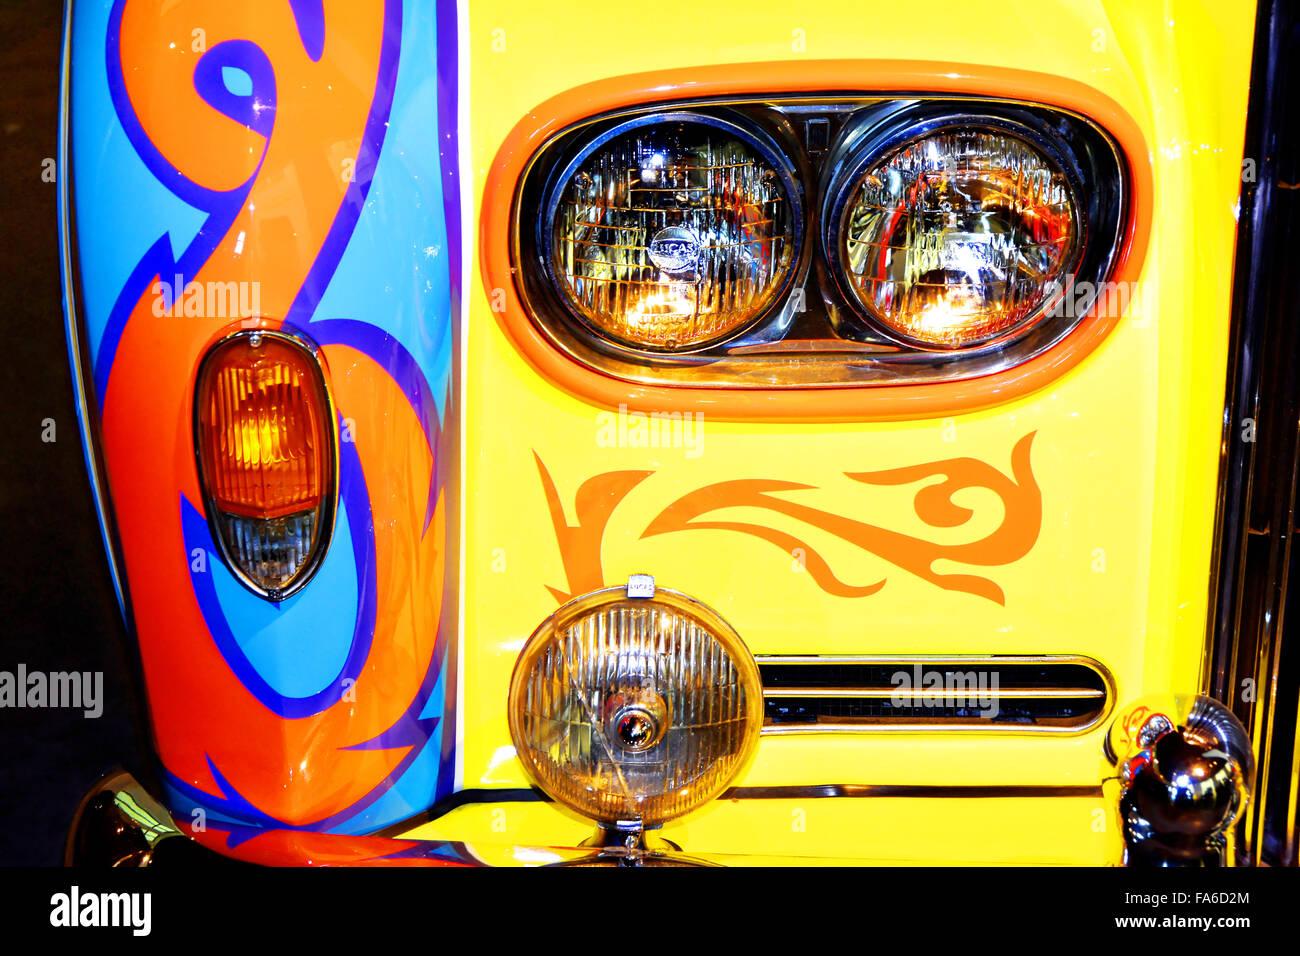 Malaga Spain Automovilistico De Malaga Coloured Rolls Royce - Stock Image